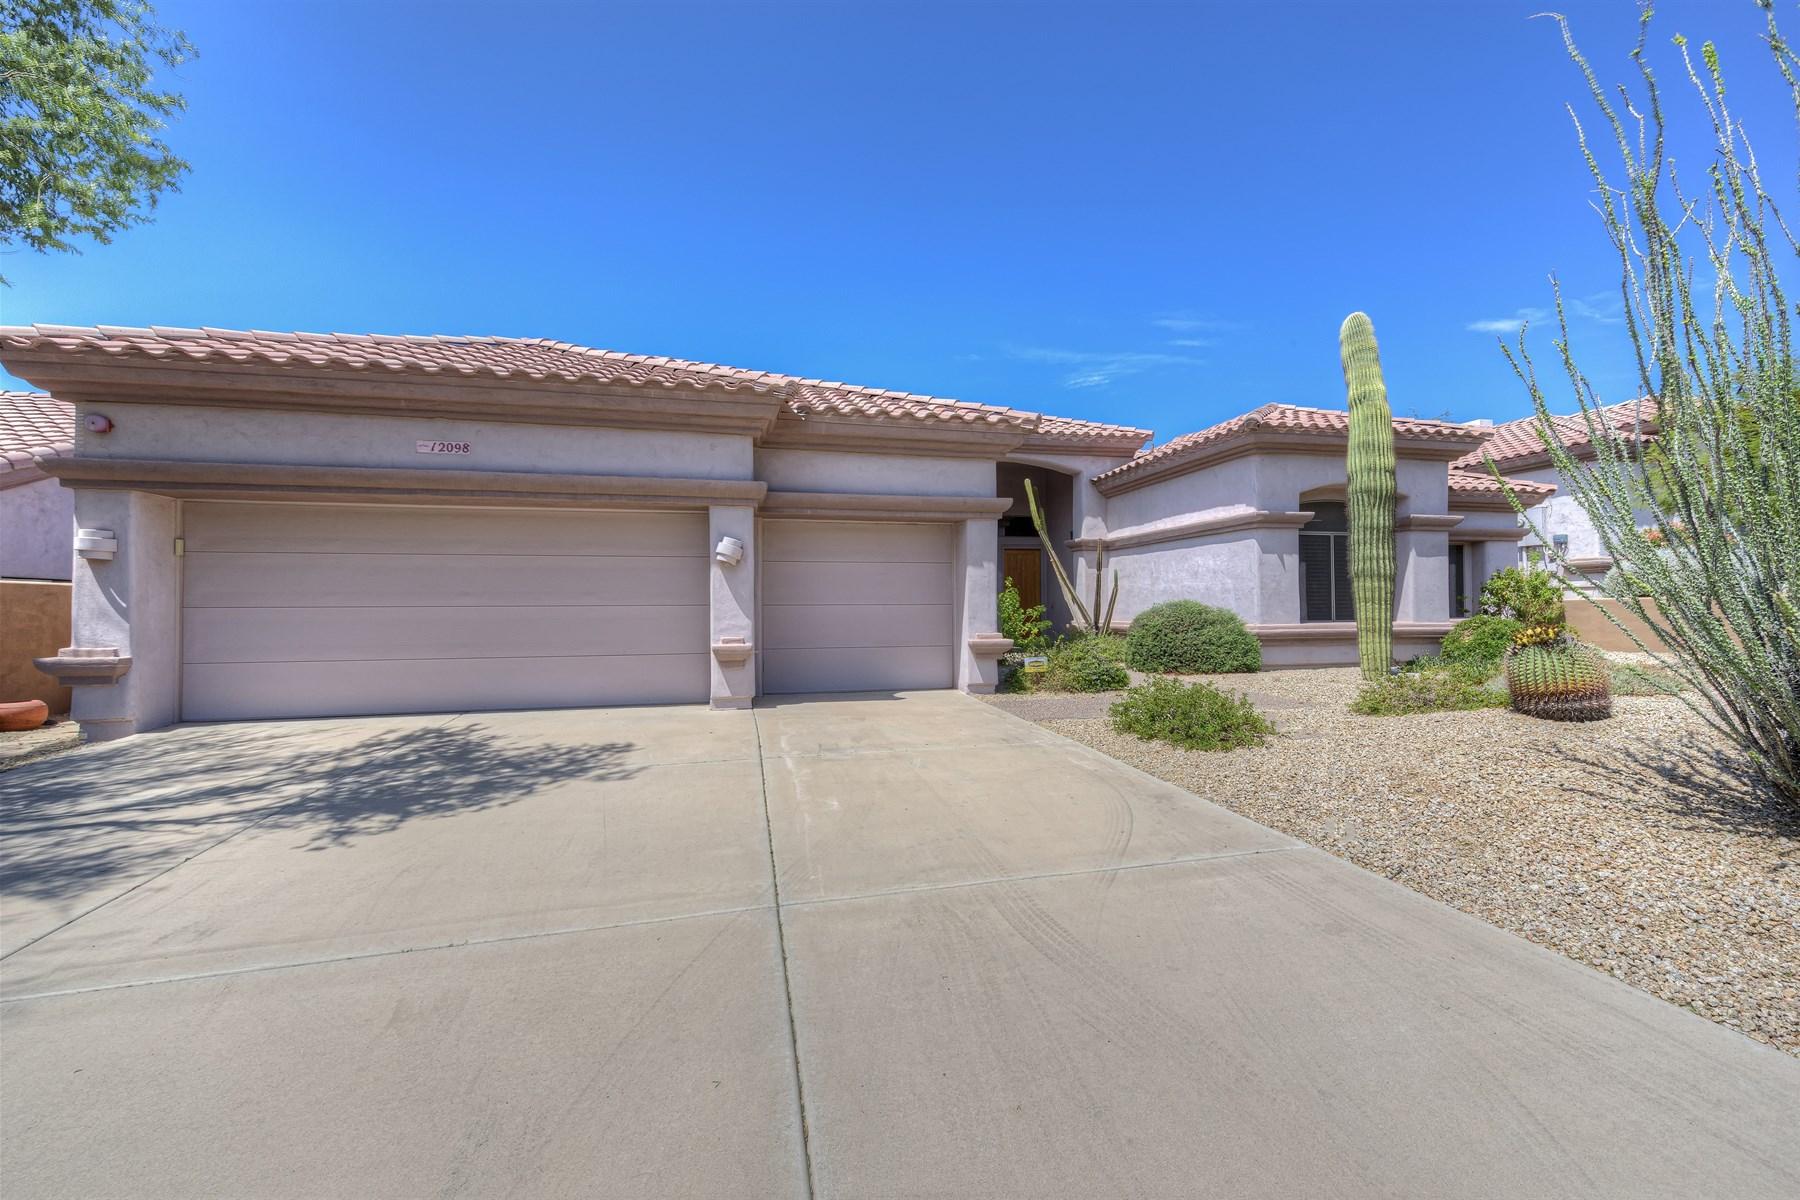 Casa Unifamiliar por un Venta en Golden Heritage built home. 12098 N 137th WAY Scottsdale, Arizona 85259 Estados Unidos